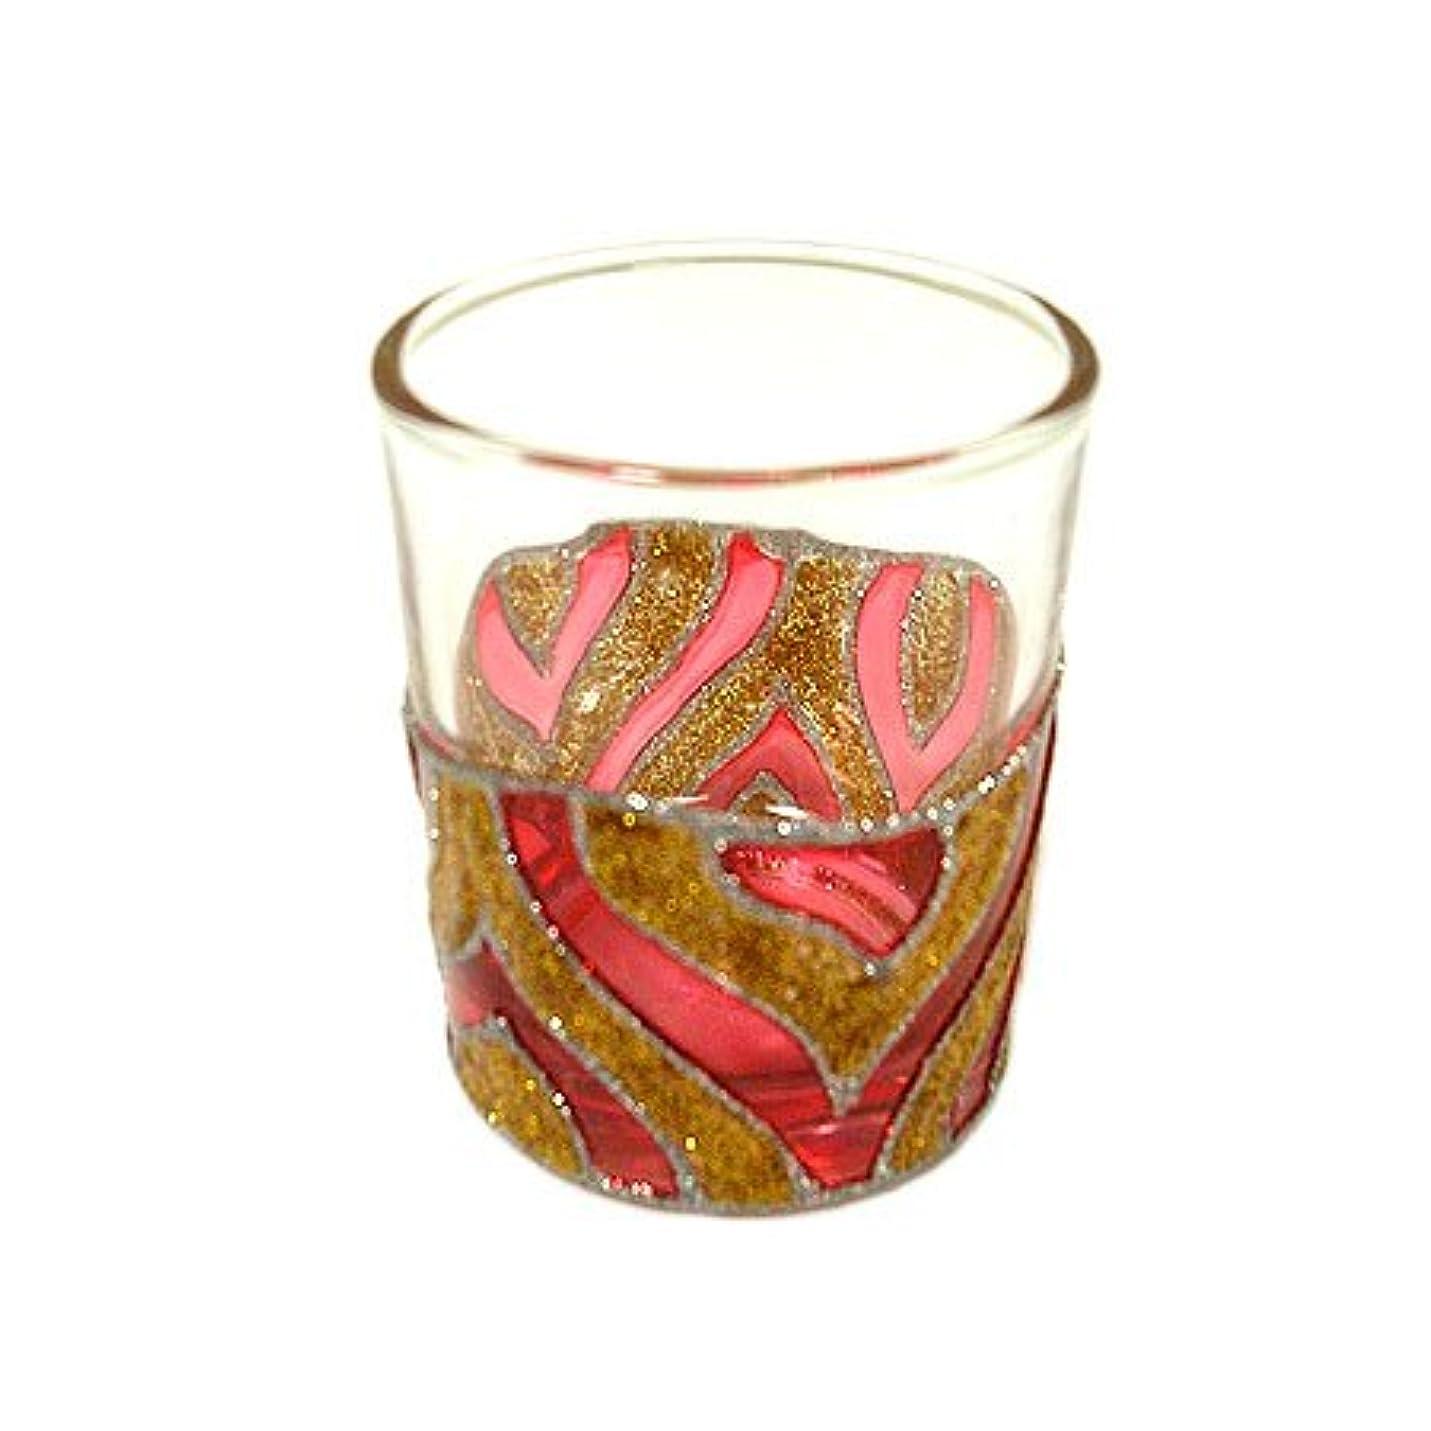 自動識別するサイクロプスアジアン キャンドルホルダー カップ グラス 花柄 ゴールドレッド アジアン雑貨